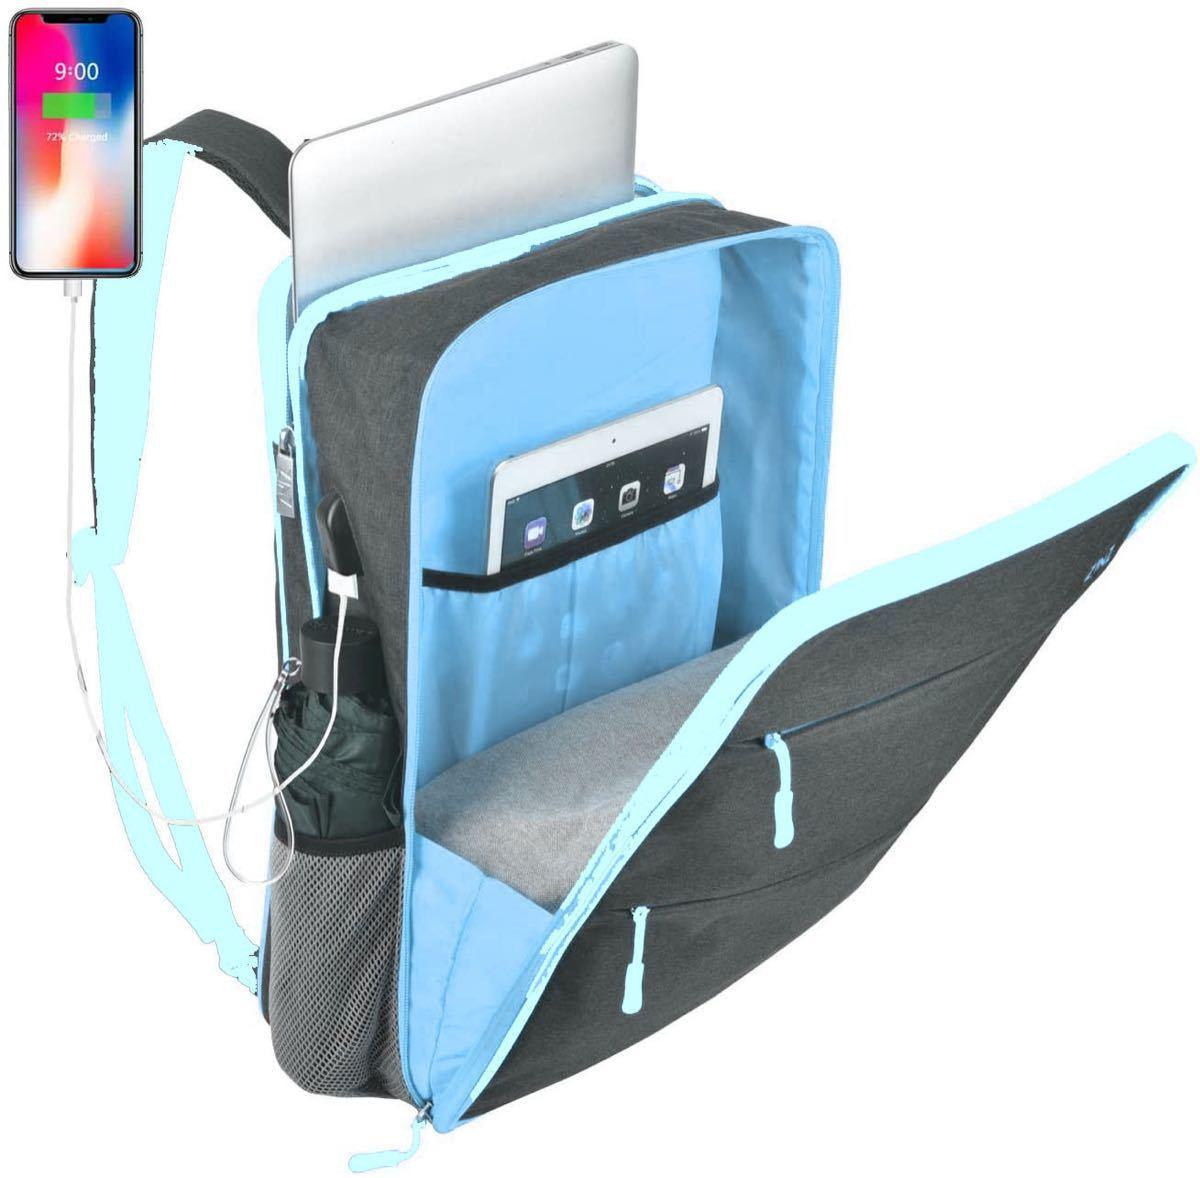 ビジネスリュック バックパック パソコンバッグ 15.6インチ pc バッグ 大容量 マチ拡張 多機能 usb充電ポート付き 軽量